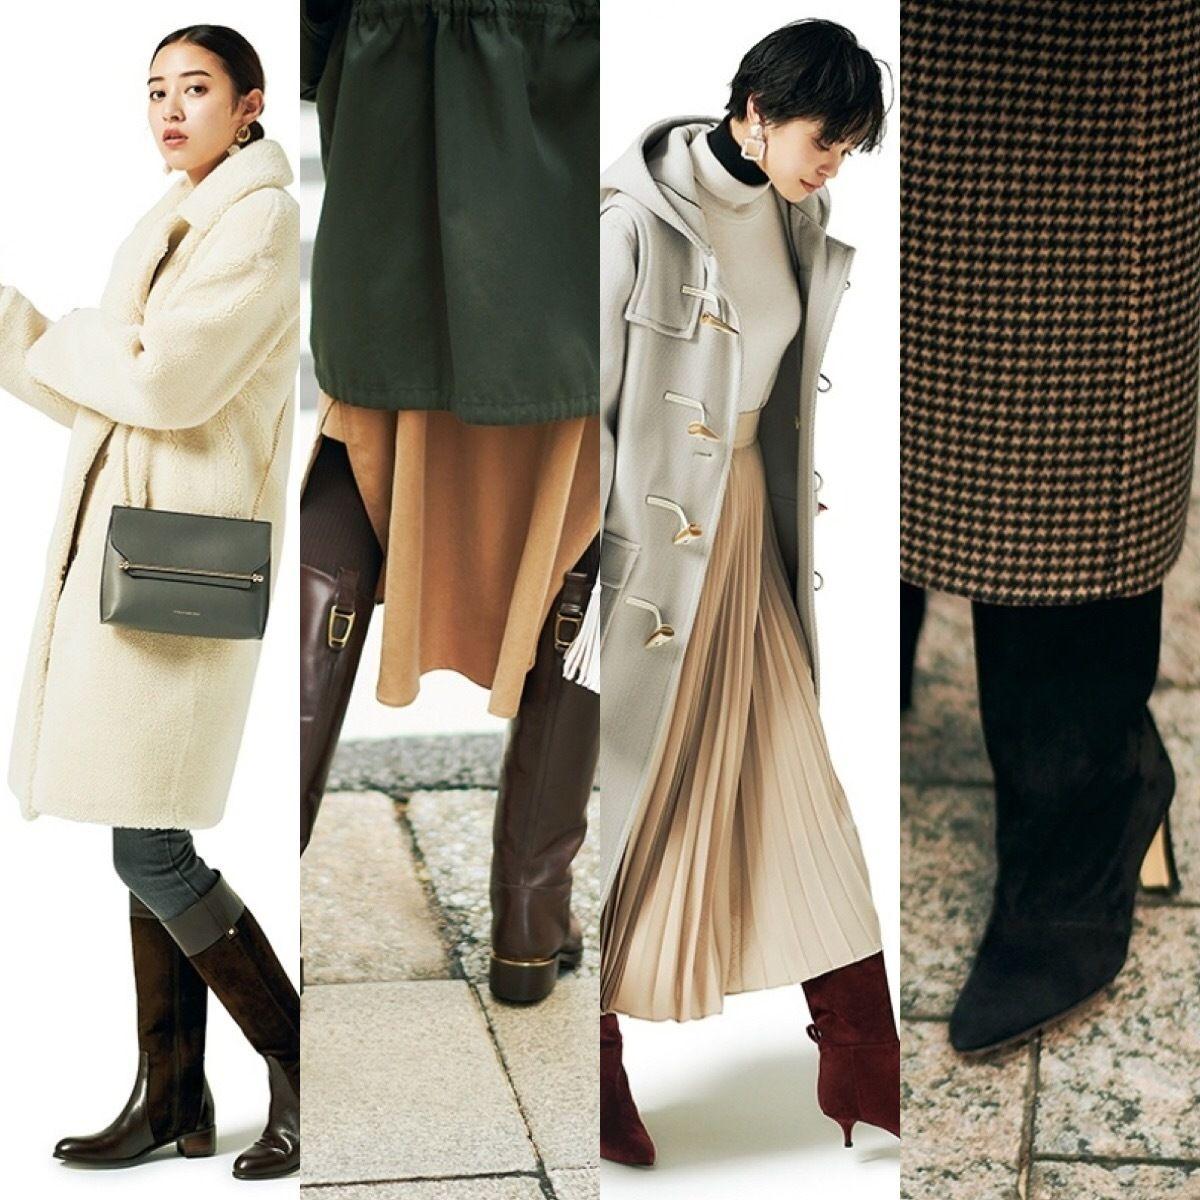 ロングブーツ 最新コーデ17選 古くさくならずに今季っぽく履くには Baila おしゃれ感度の高い30代に向けてファッション ビューティ ライフスタイル 結婚 恋愛等のリアルを届けるサイト ファッション 日本のファッション ファッションアイデア